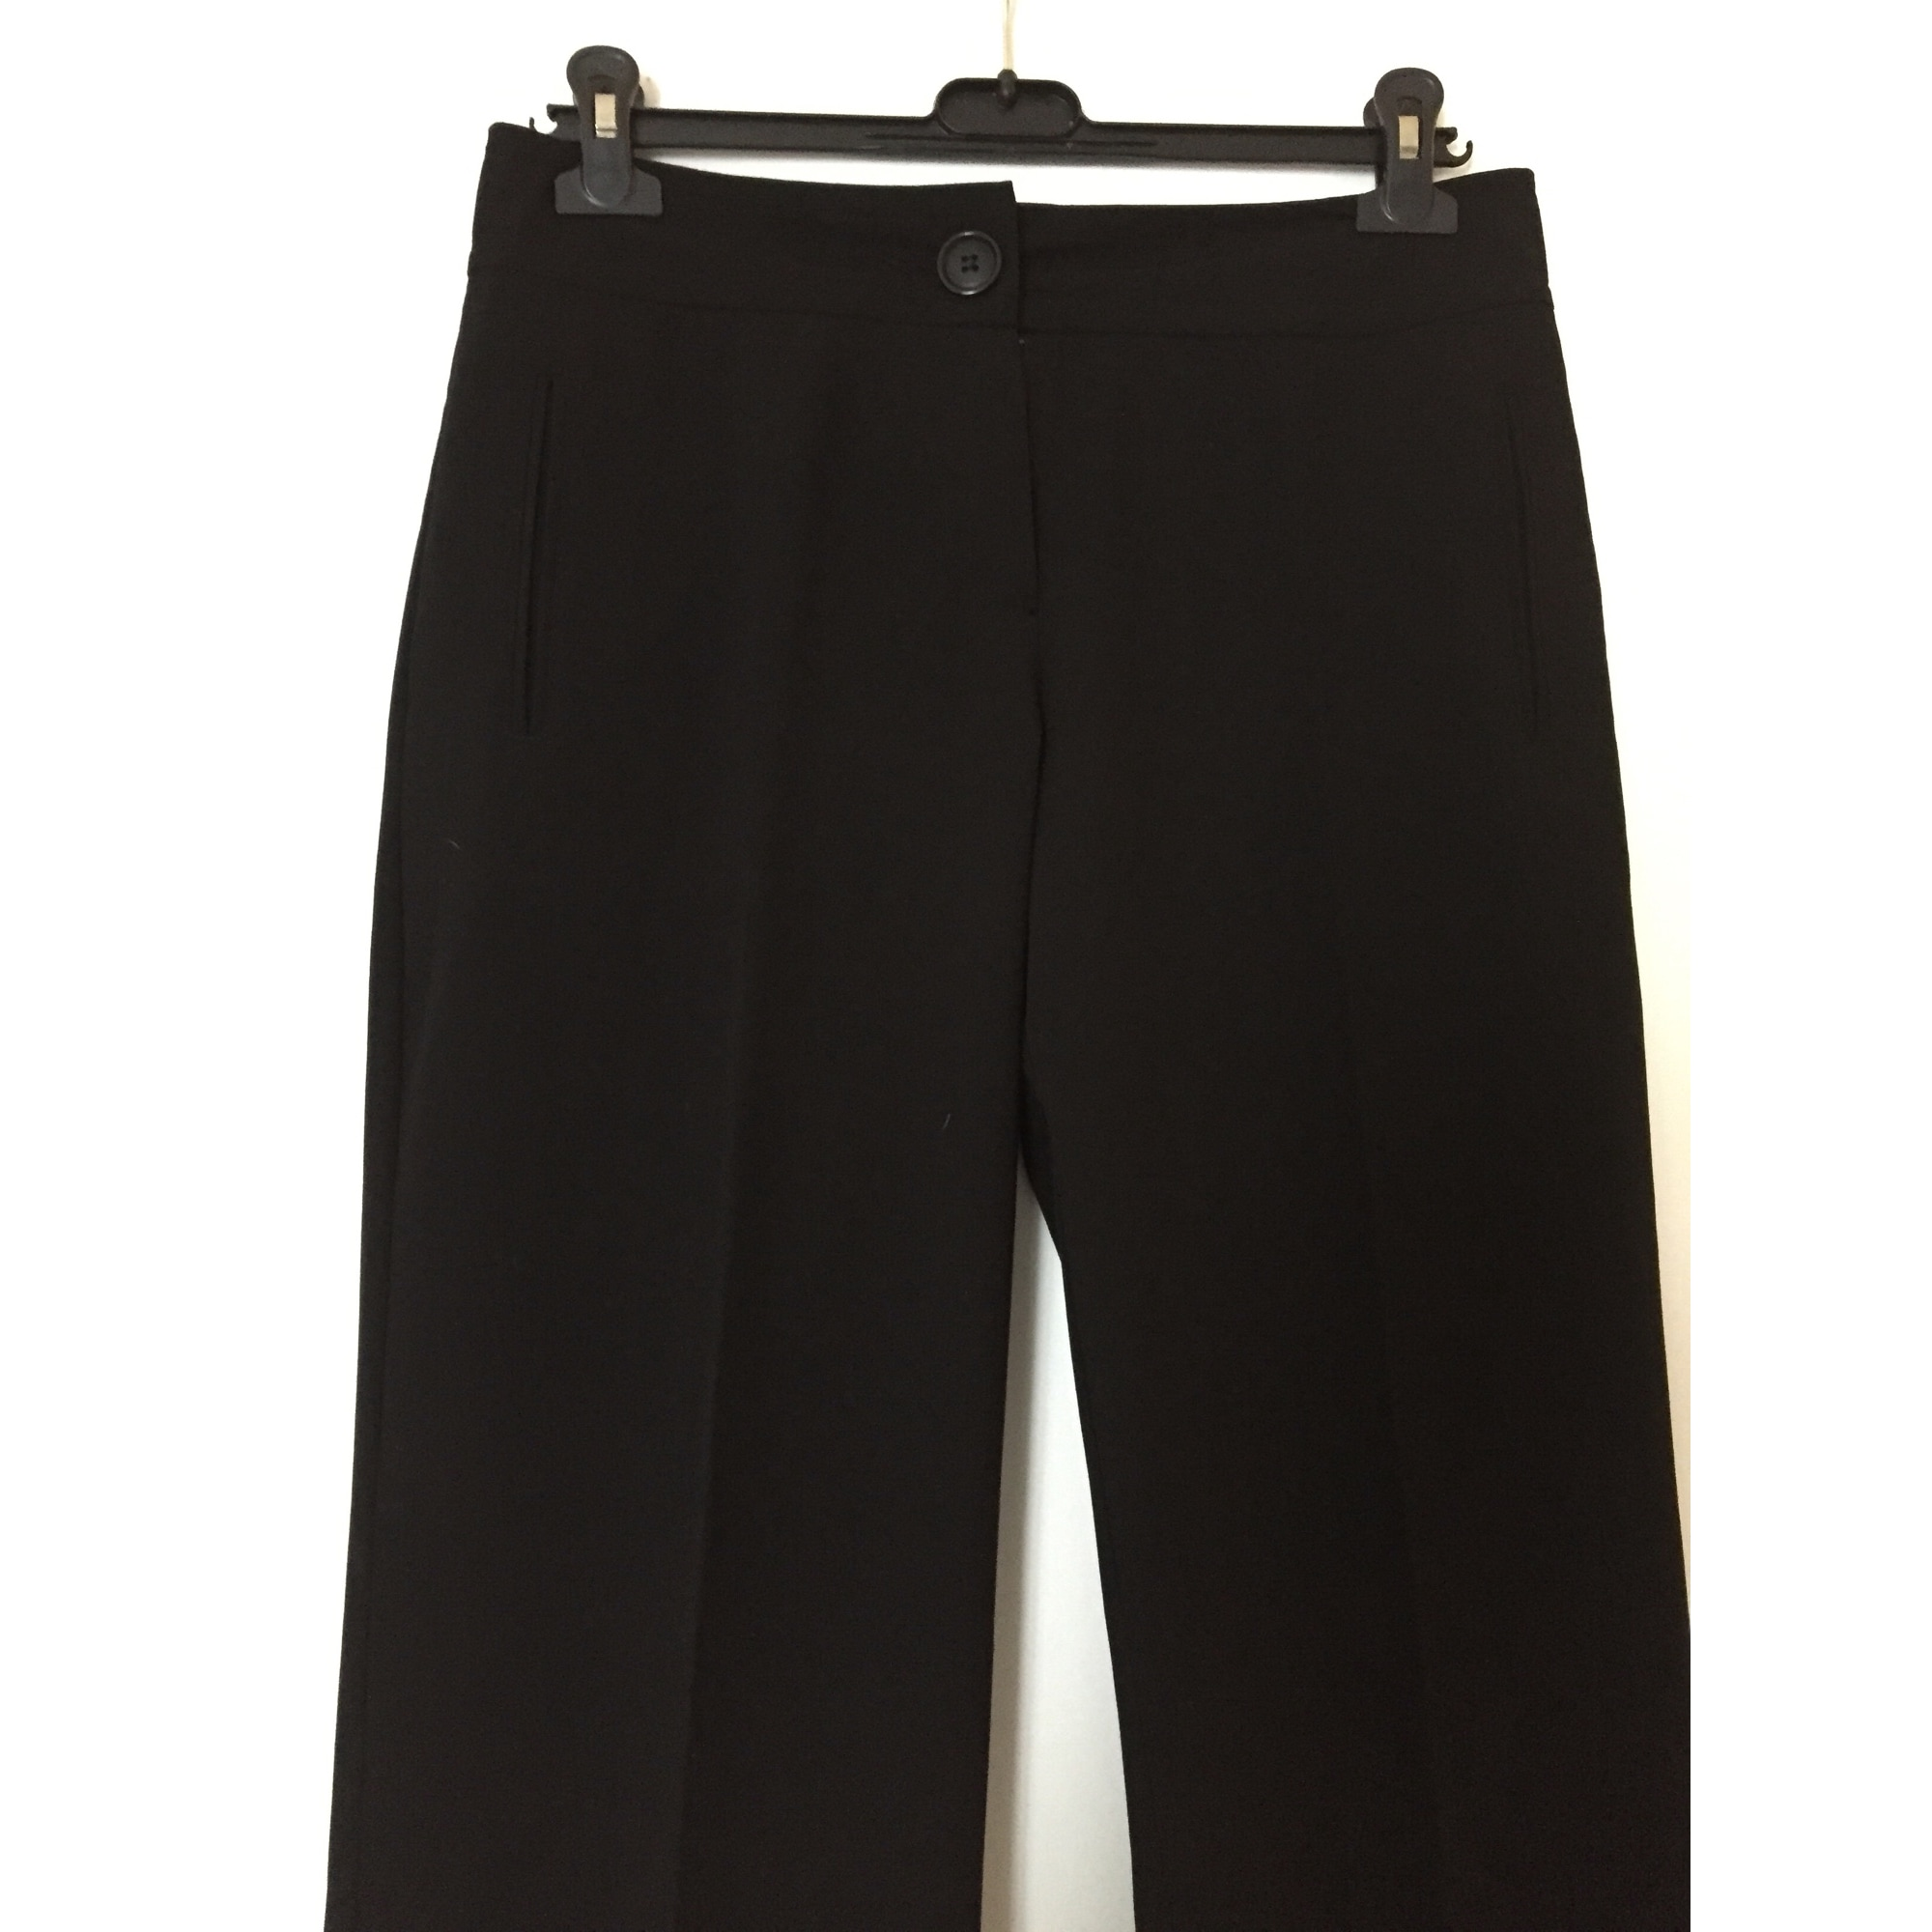 Pantalon très evasé, patte d'éléphant ERNEST Noir